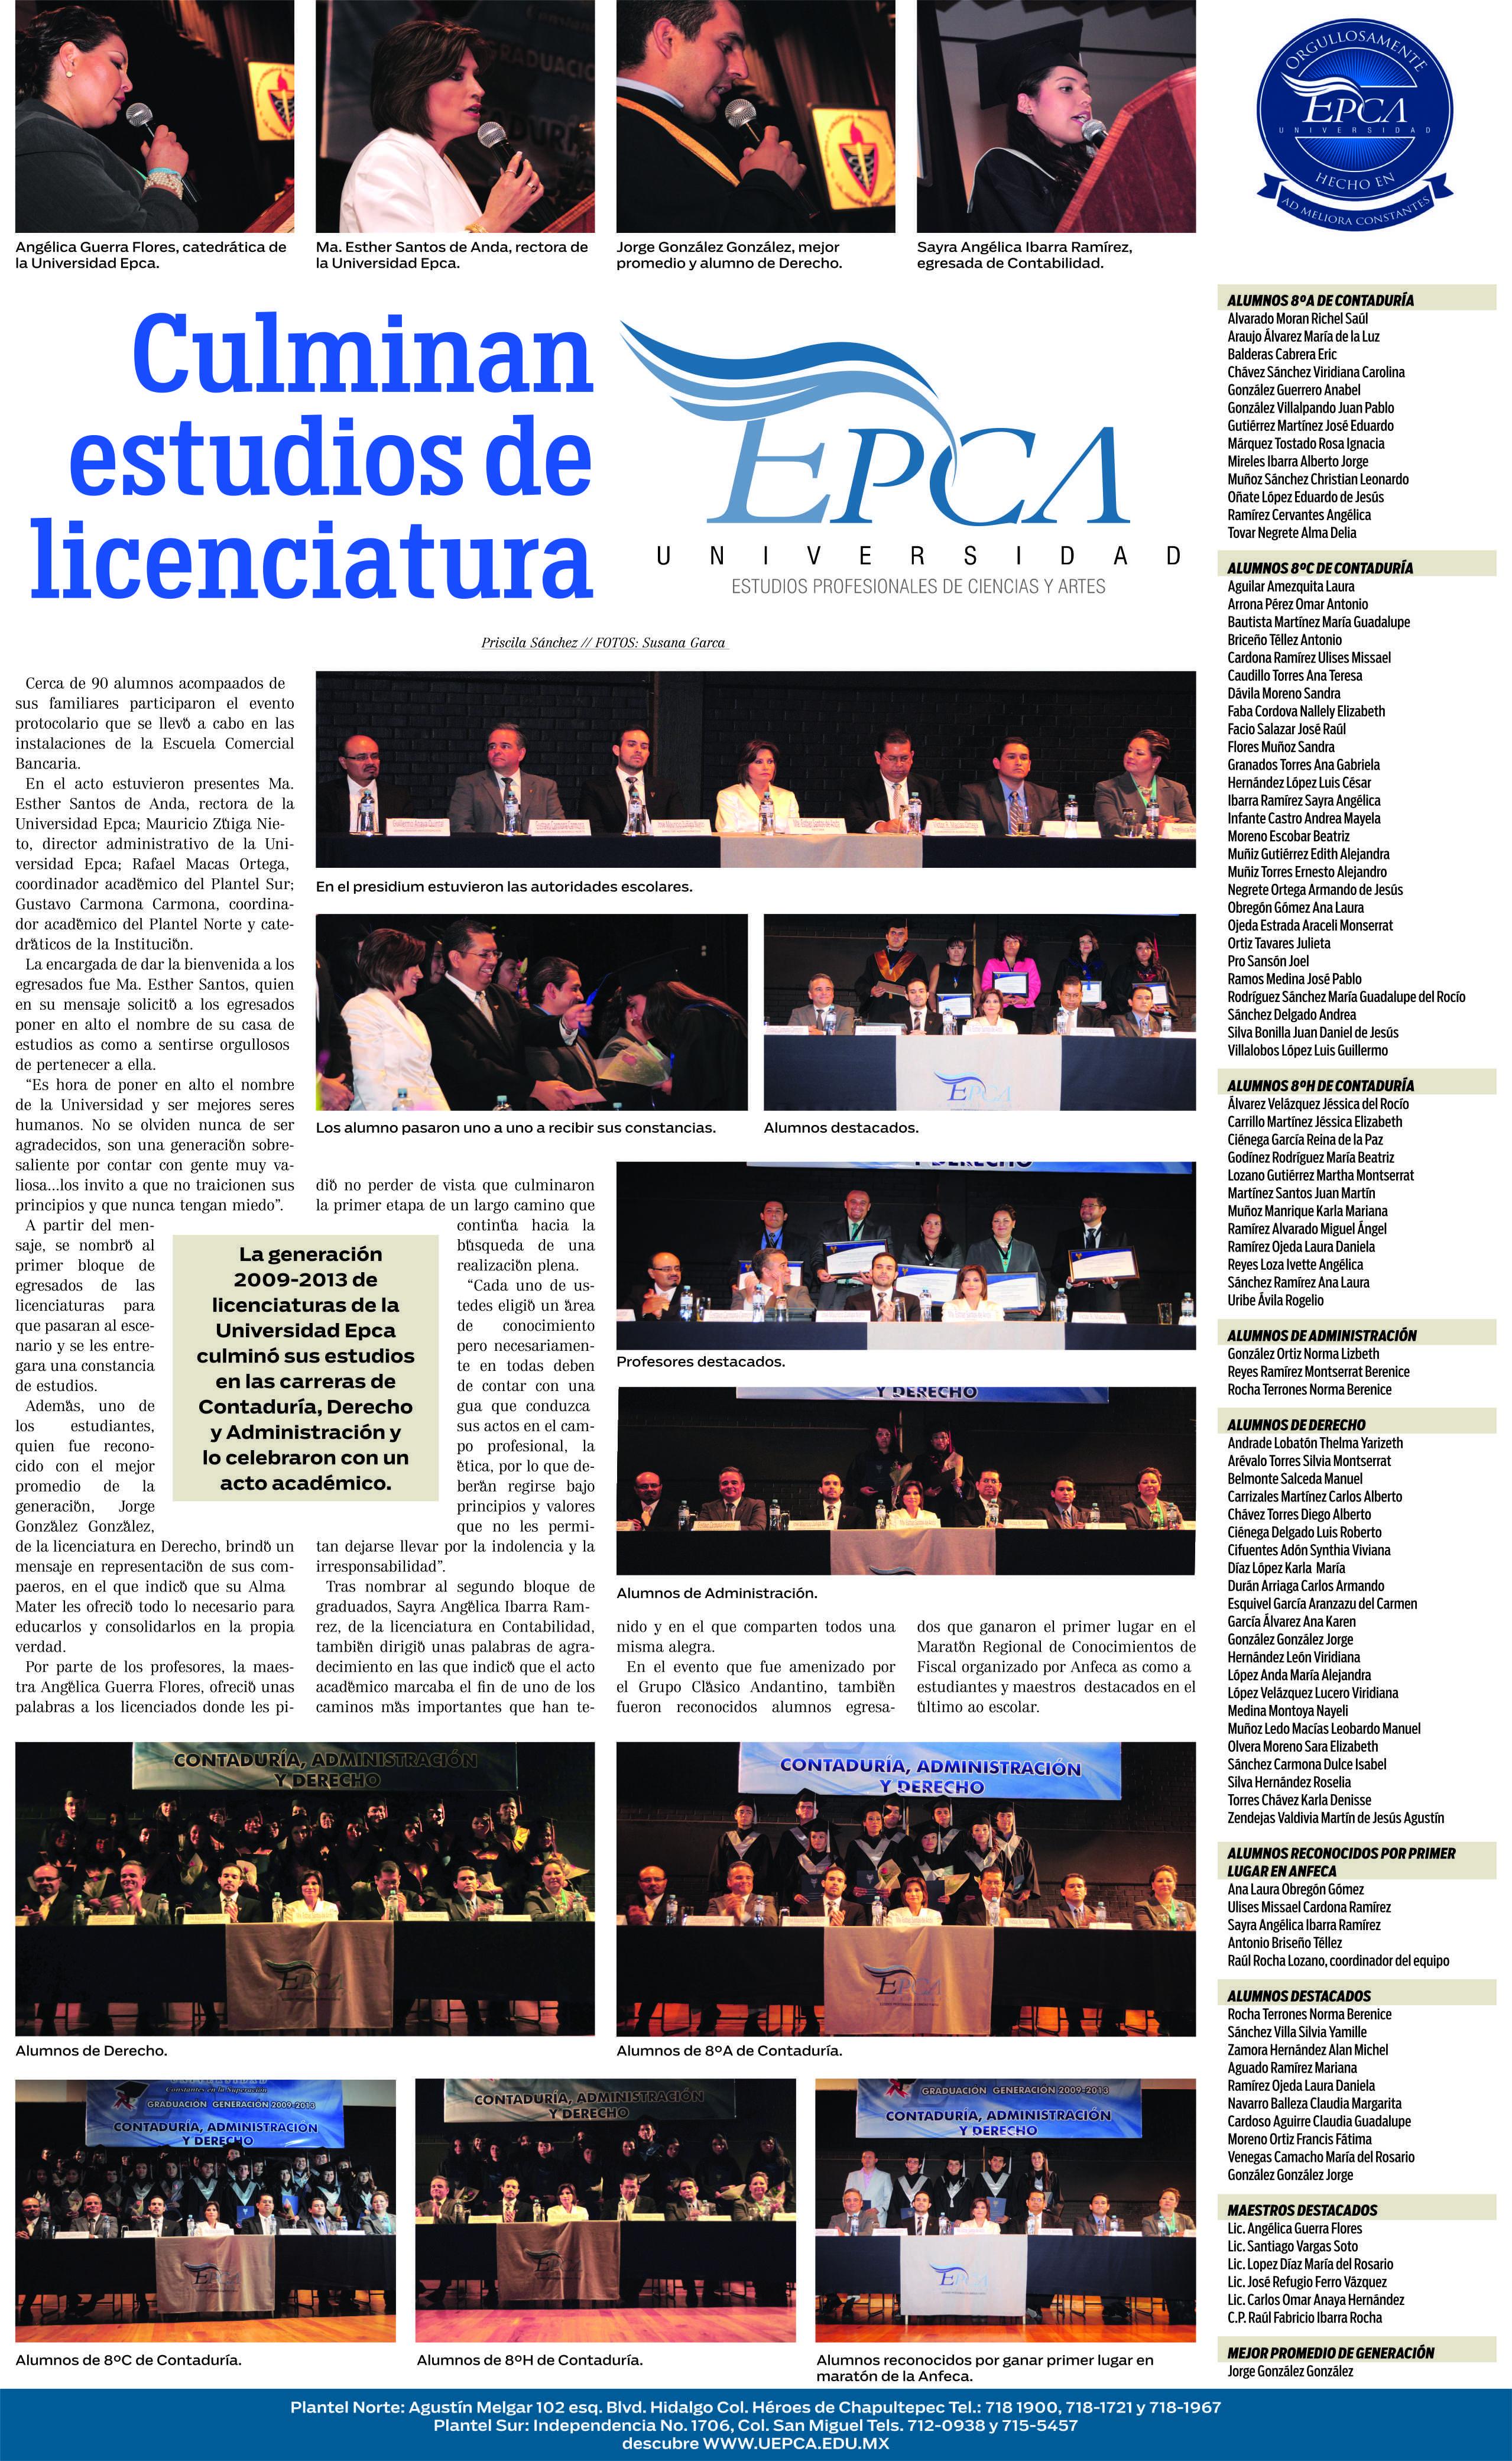 GRADUACIONES PUUBLICADAS EN PERIÓDICO AM LEÓN GTO